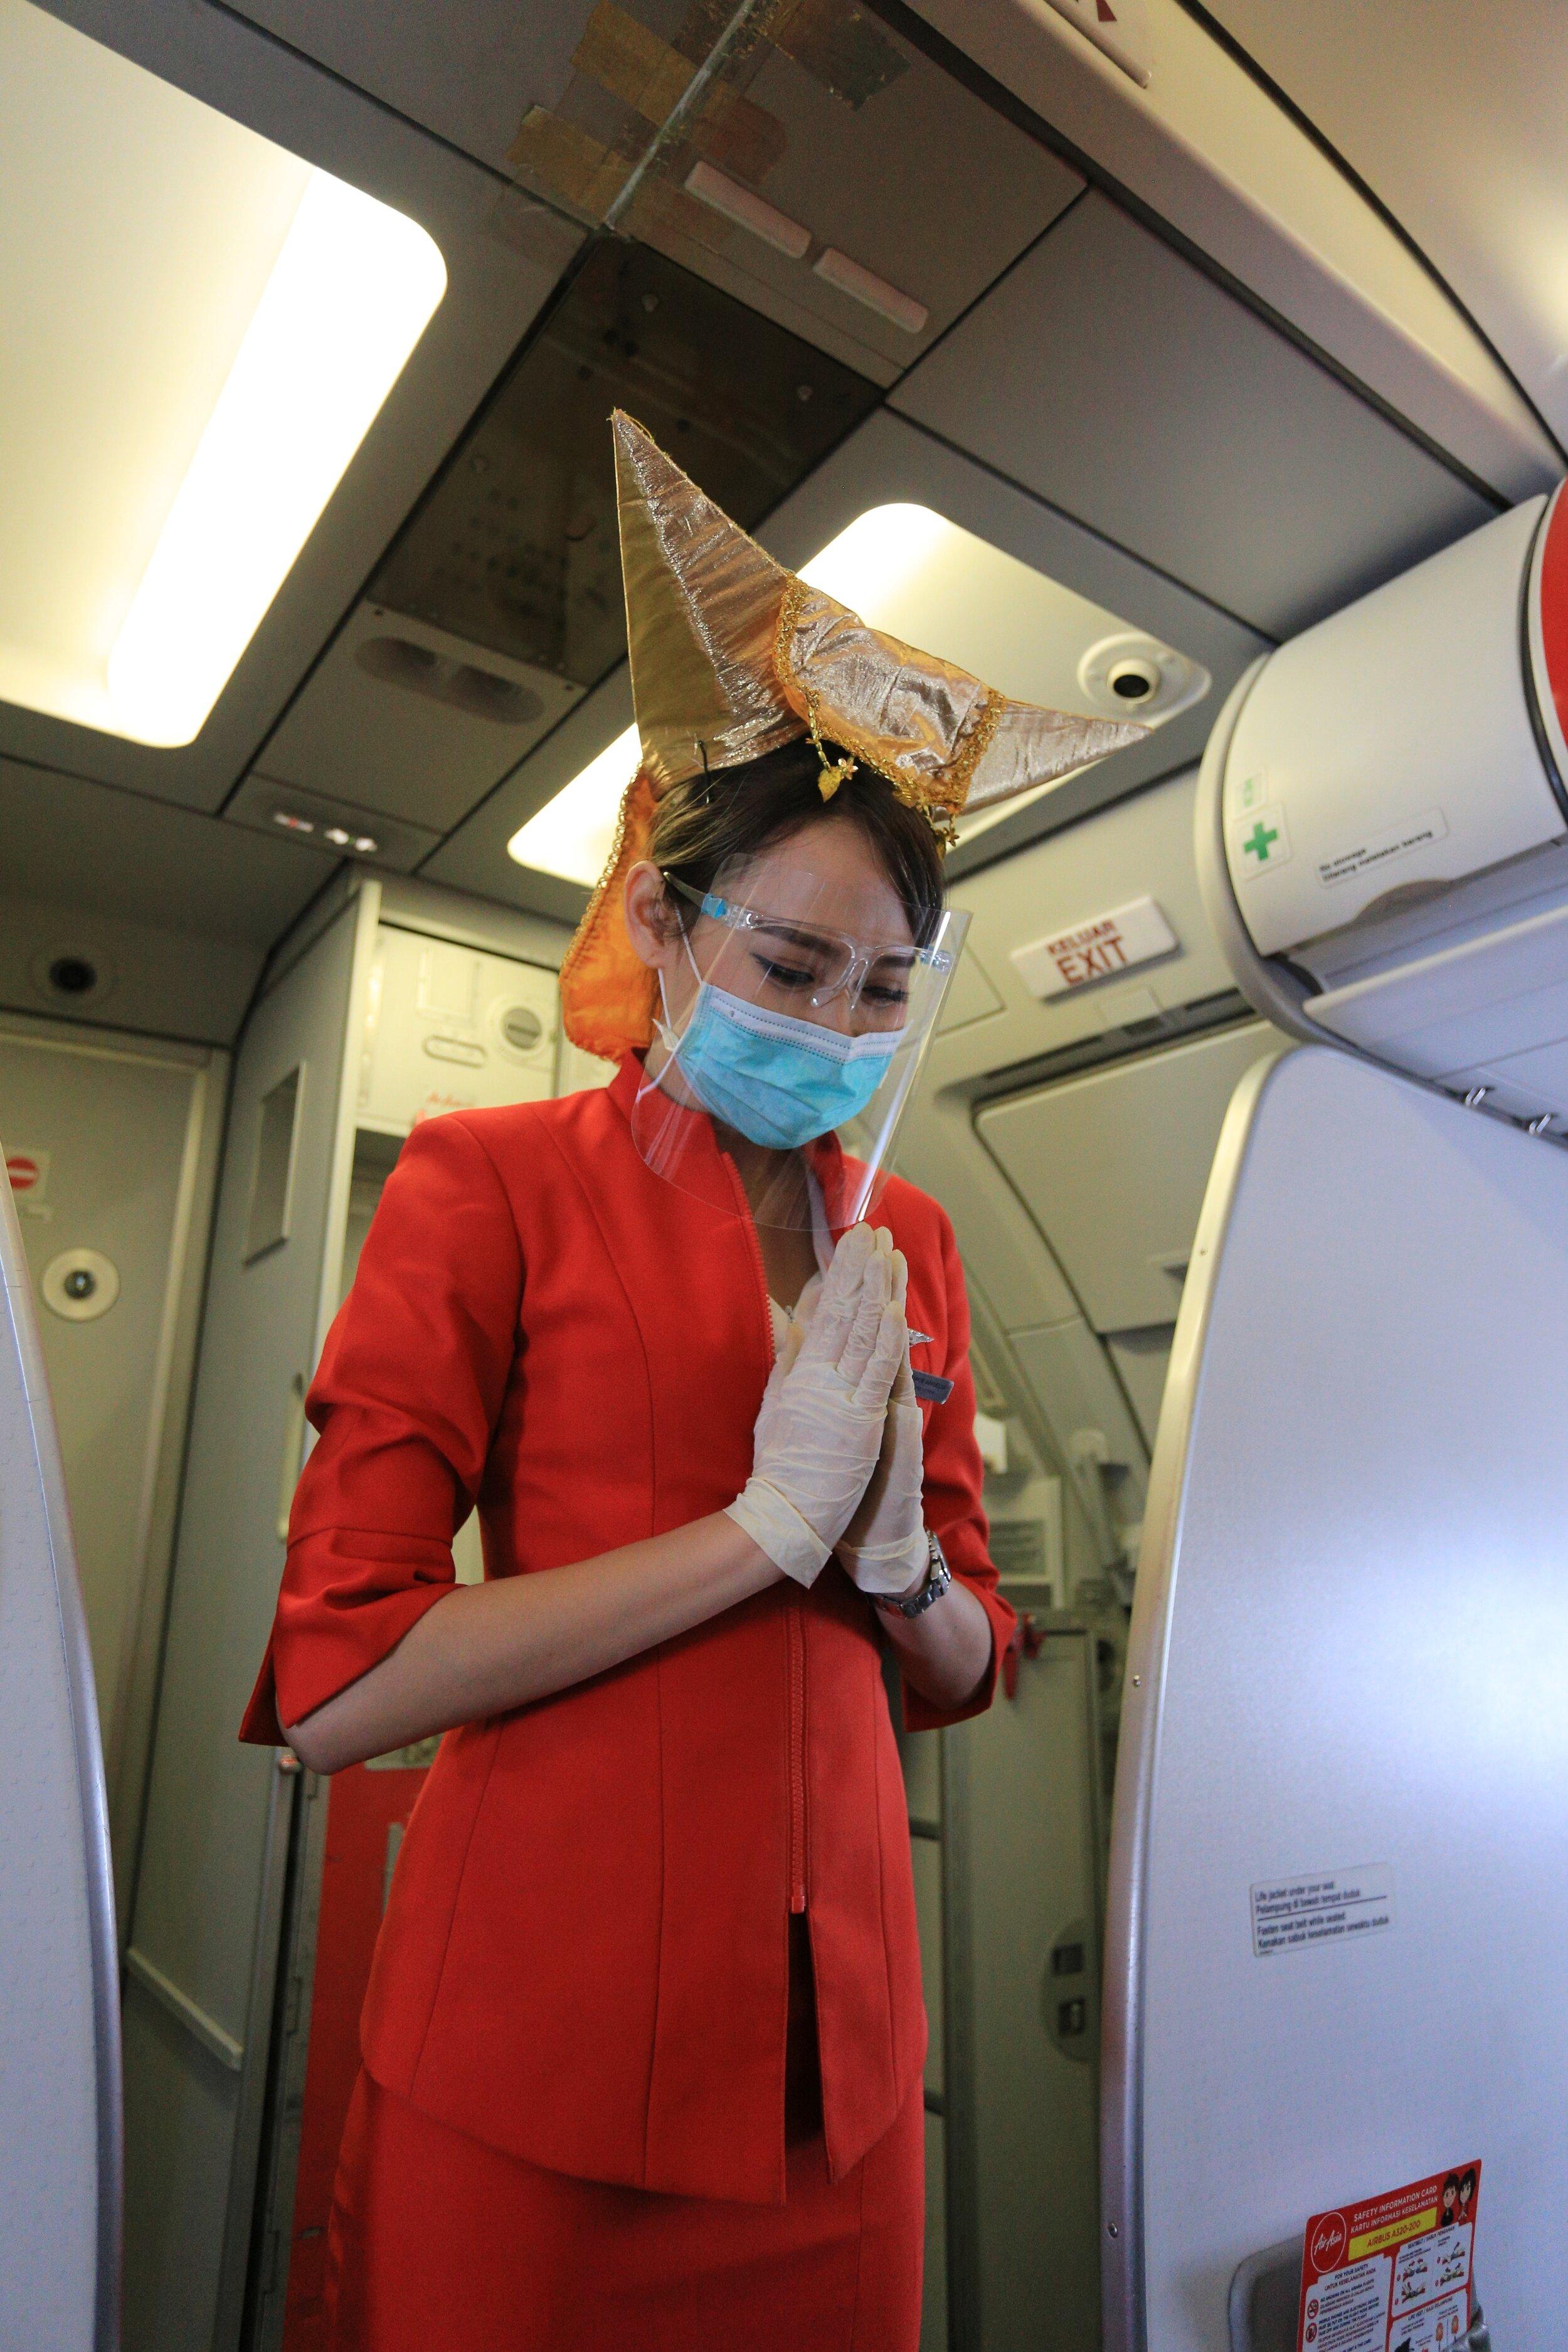 Airasia Bagi Bagi Nasi Padang Di Penerbangan Perdana Ke Padang Airasia Newsroom